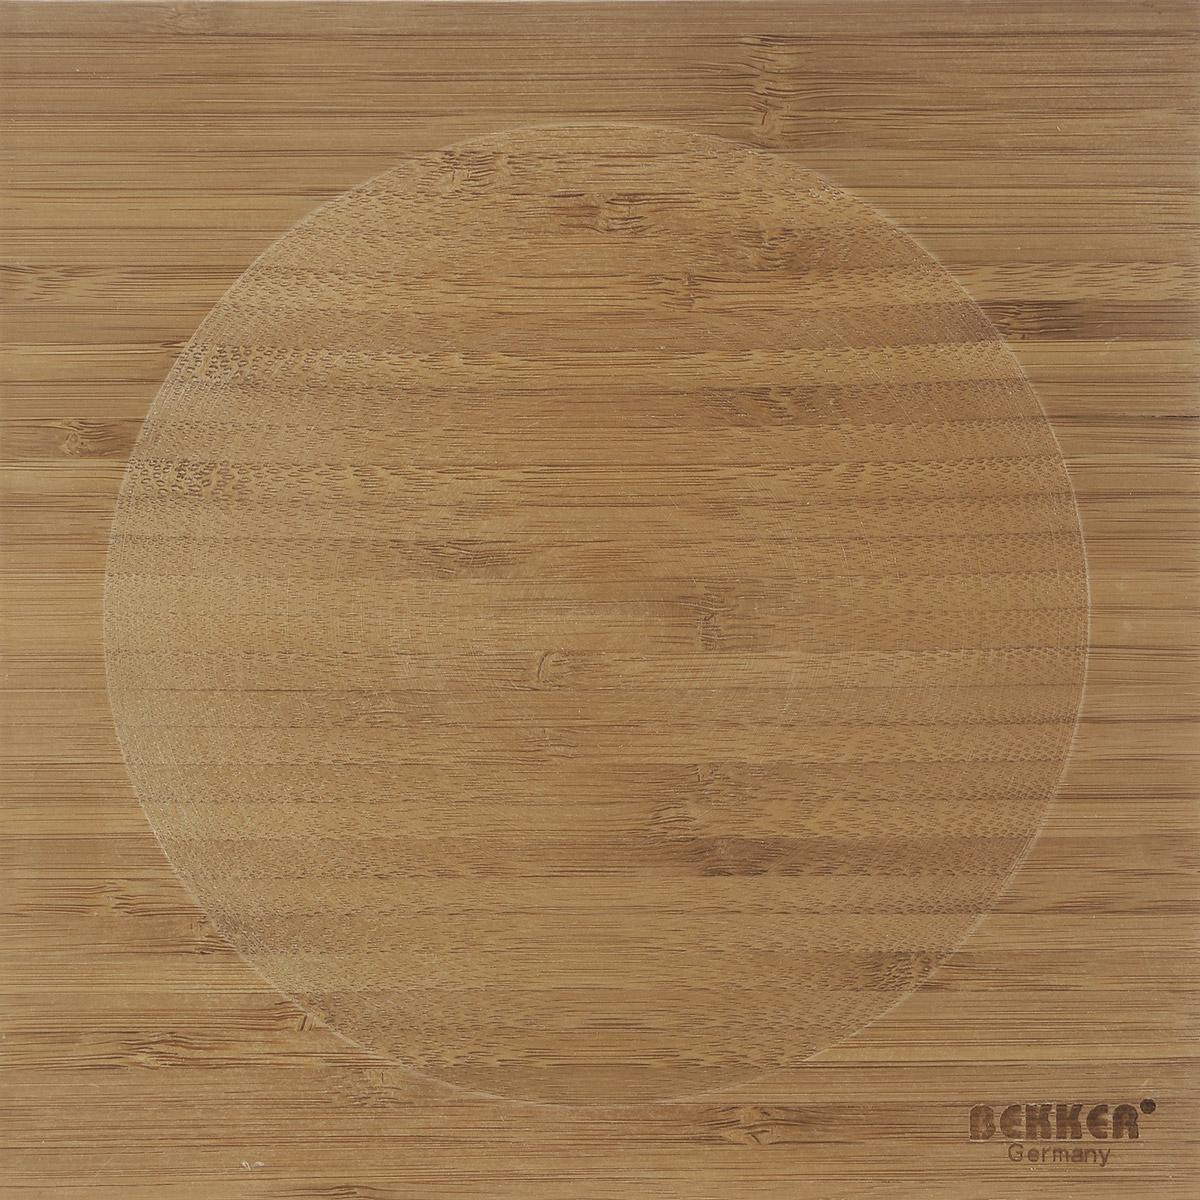 Доска разделочная Bekker, бамбуковая, 20 см х 20 см115510Квадратная разделочная доска Bekker изготовлена из высококачественной древесины бамбука, обладающей антибактериальными свойствами. Бамбук - инновационный материал, идеально подходящий для разделочных досок. Доски из бамбука обладают высокой плотностью структуры древесины, а также устойчивы к механическим воздействиям. Доска оснащена углублением в середине. Функциональная и простая в использовании, разделочная доска Bekker прекрасно впишется в интерьер любой кухни и прослужит вам долгие годы.